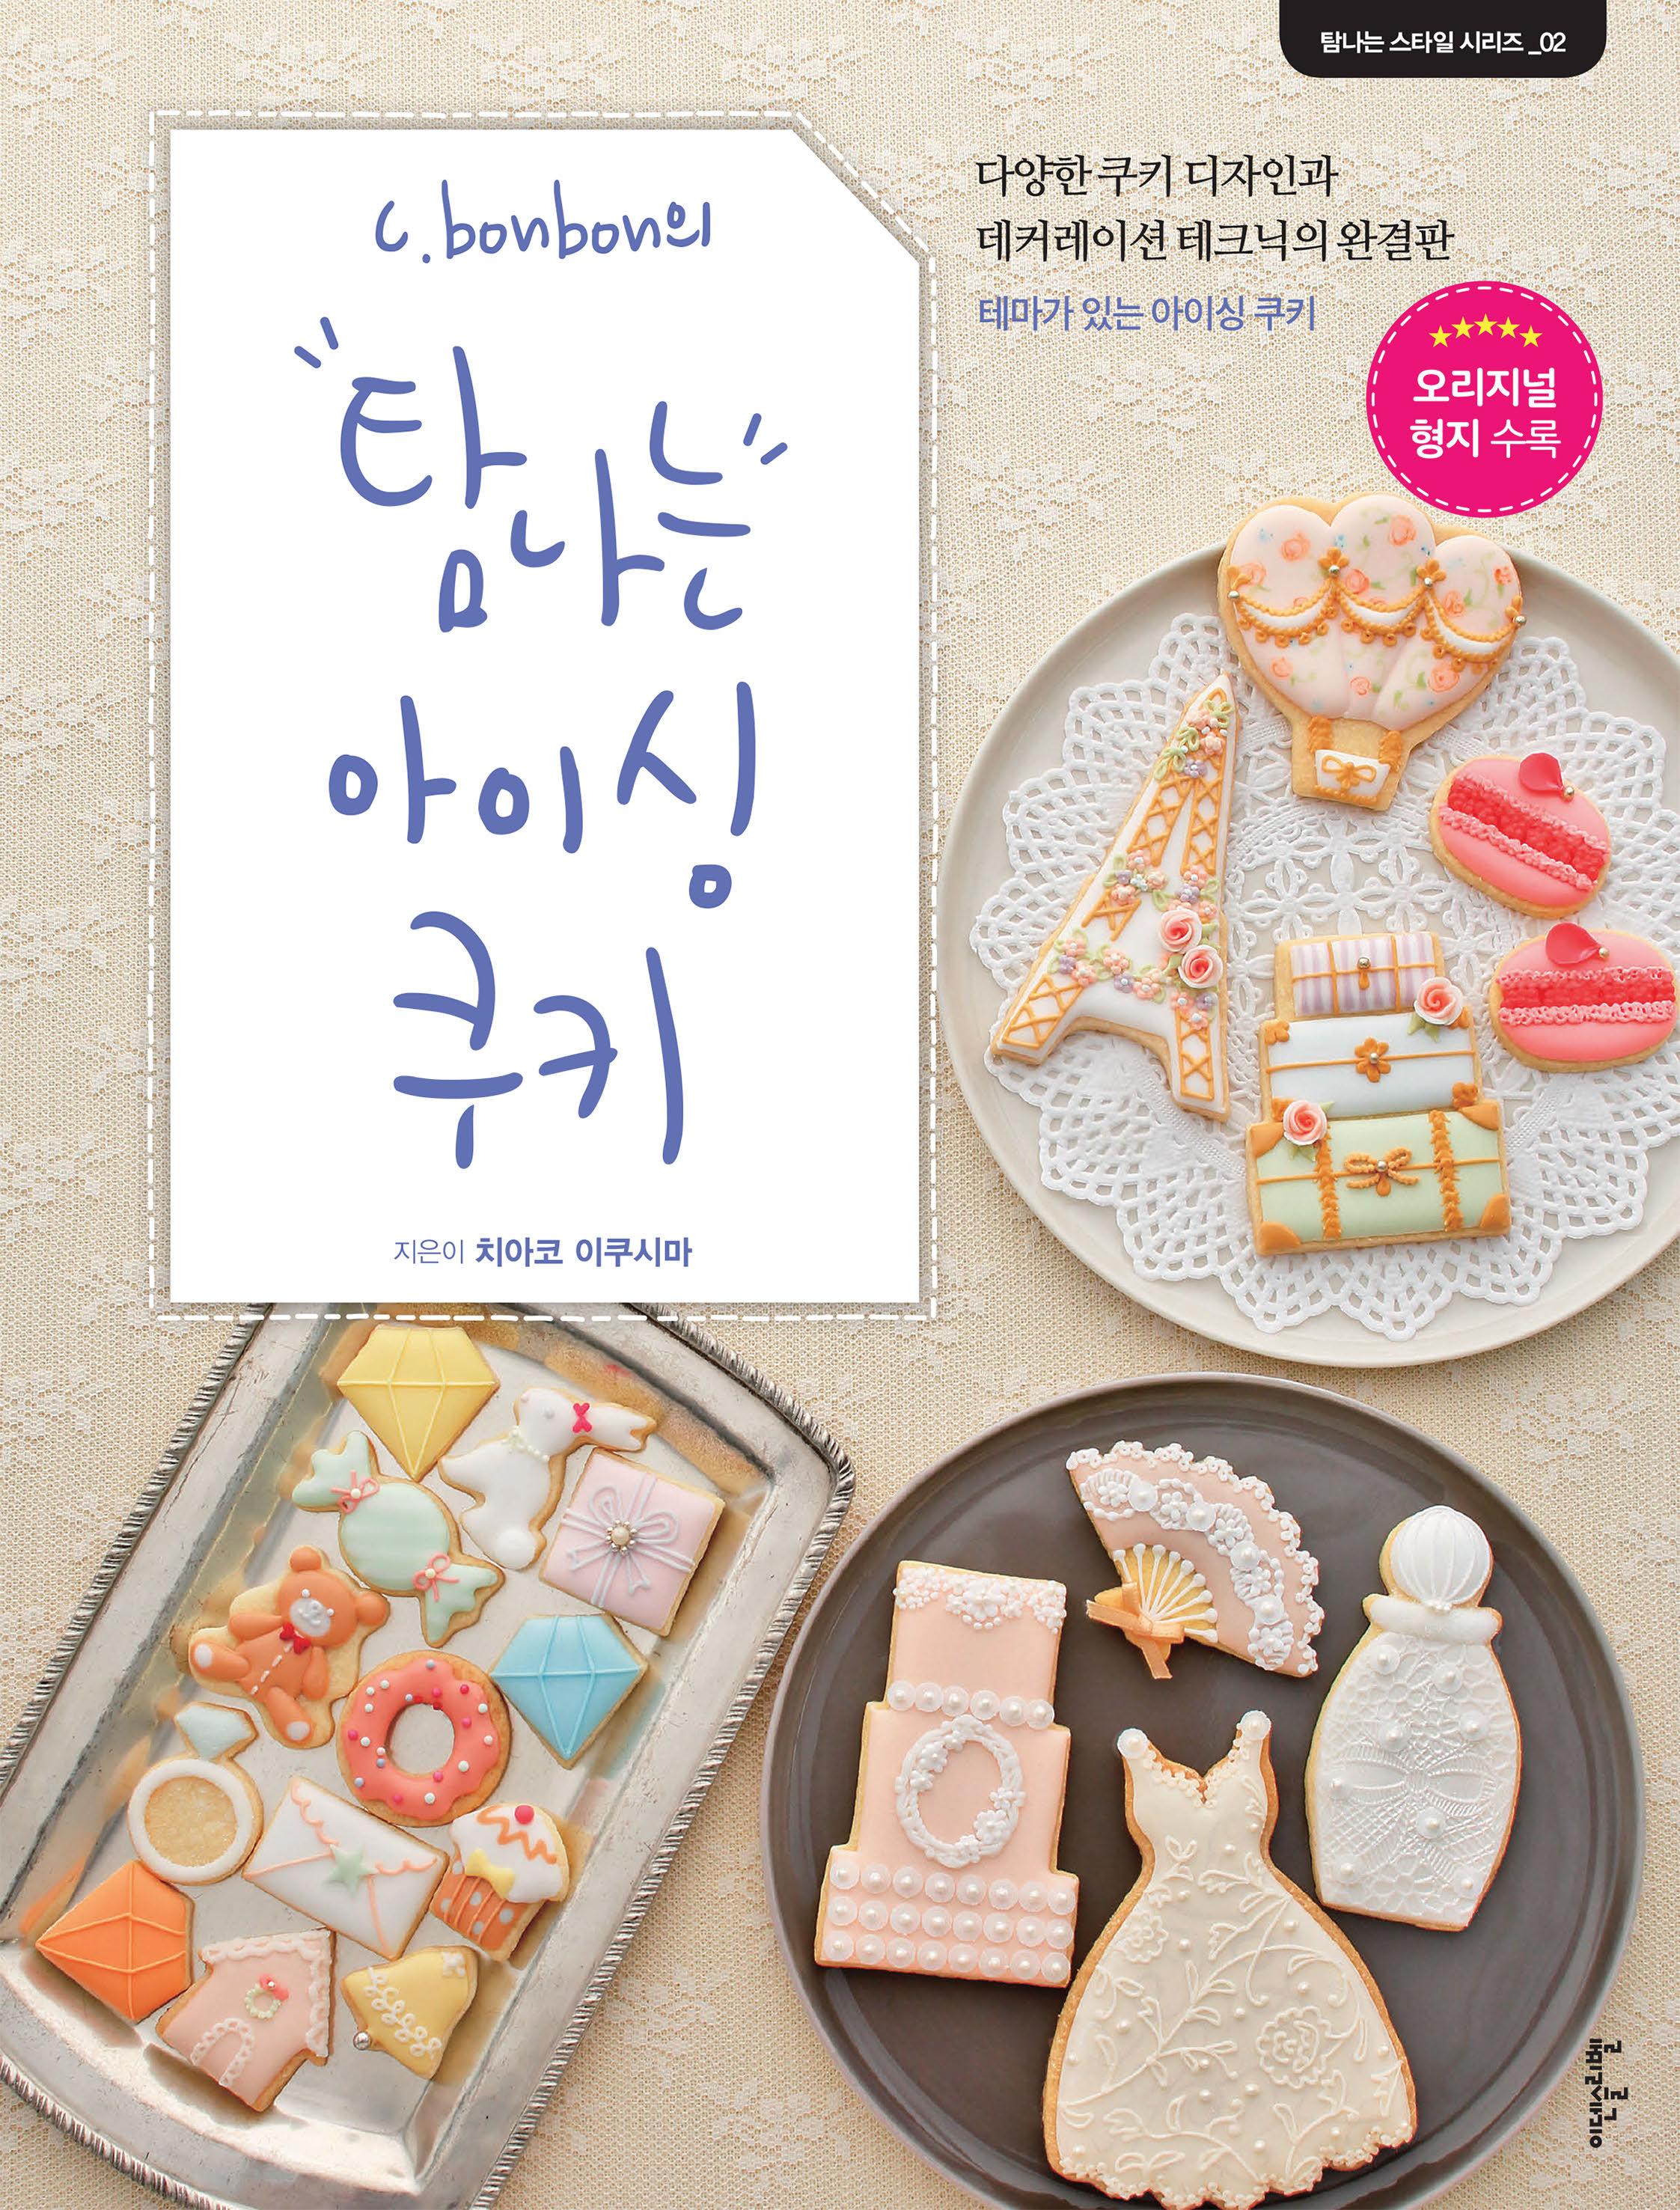 [탐나는 스타일 02] (C. bonbon의) 탐나는 아이싱 쿠키 : 다양한 쿠키 디자인과 데커레이션 테크닉의 완결판